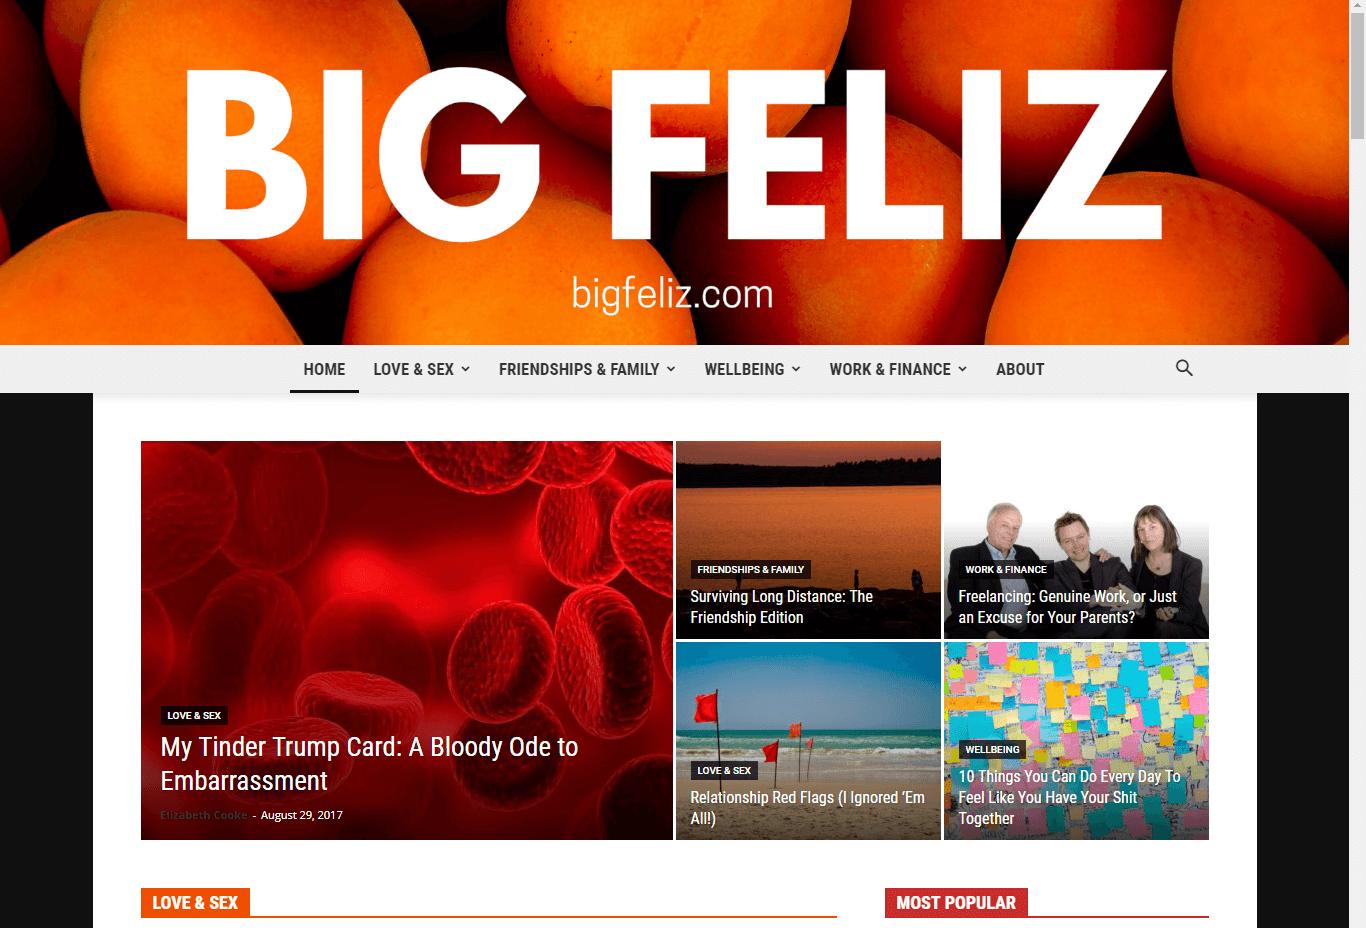 BigFeliz